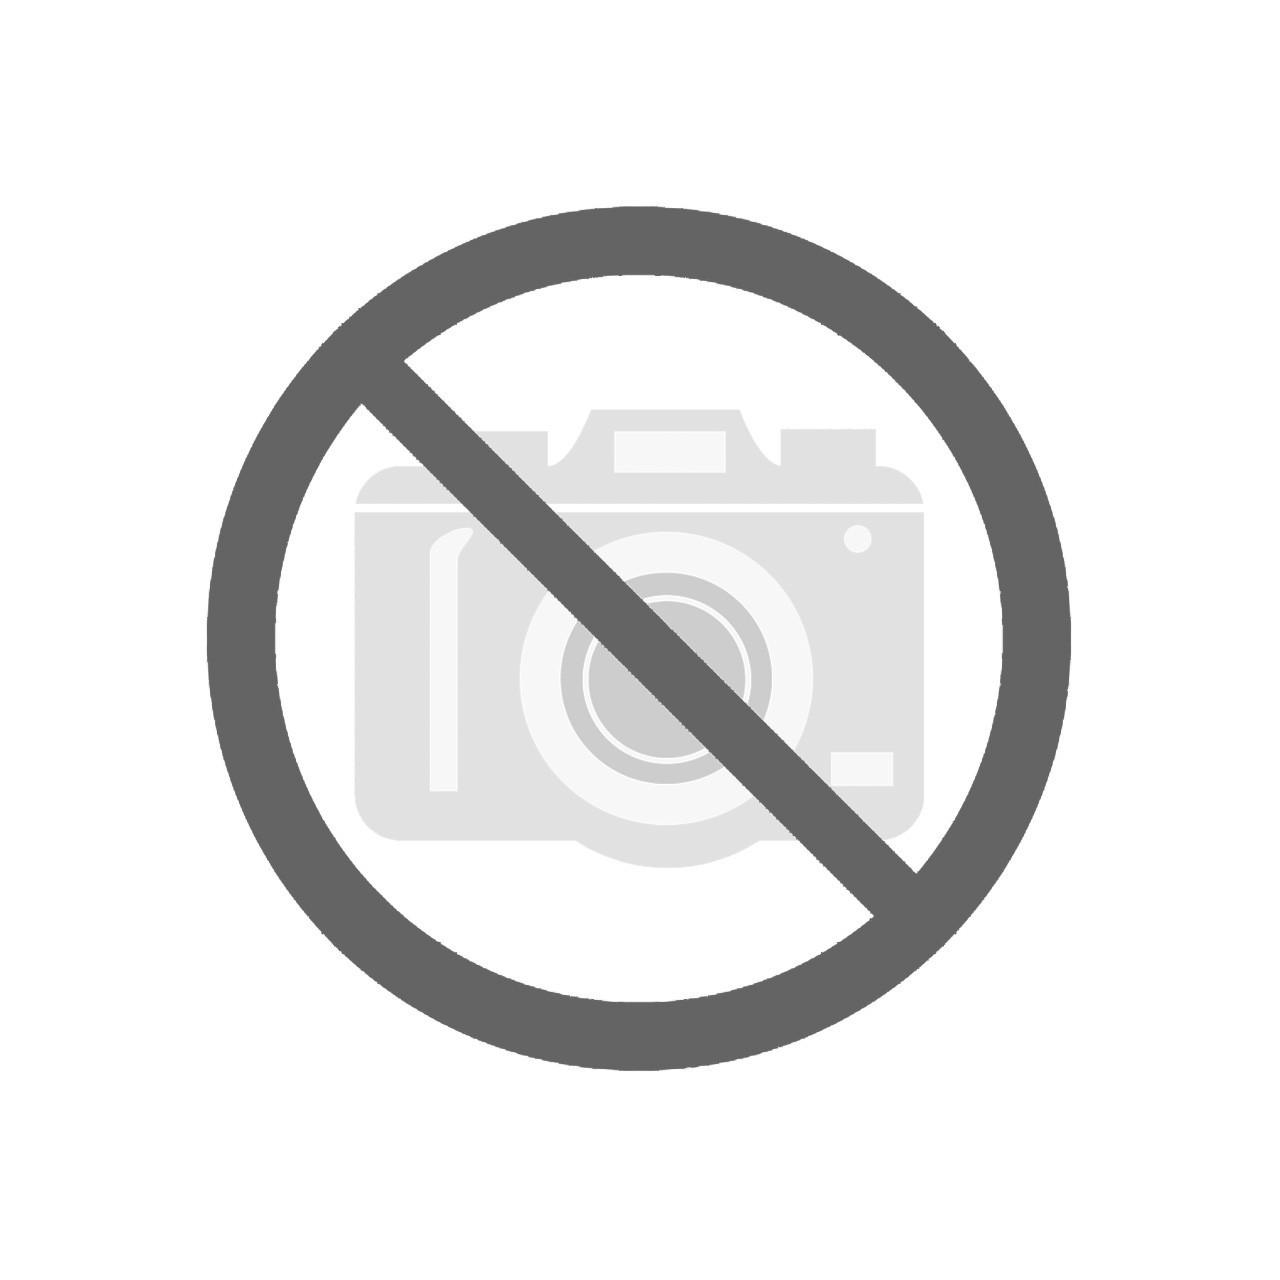 Радіус фрези для EBM 500 (2 шт.)